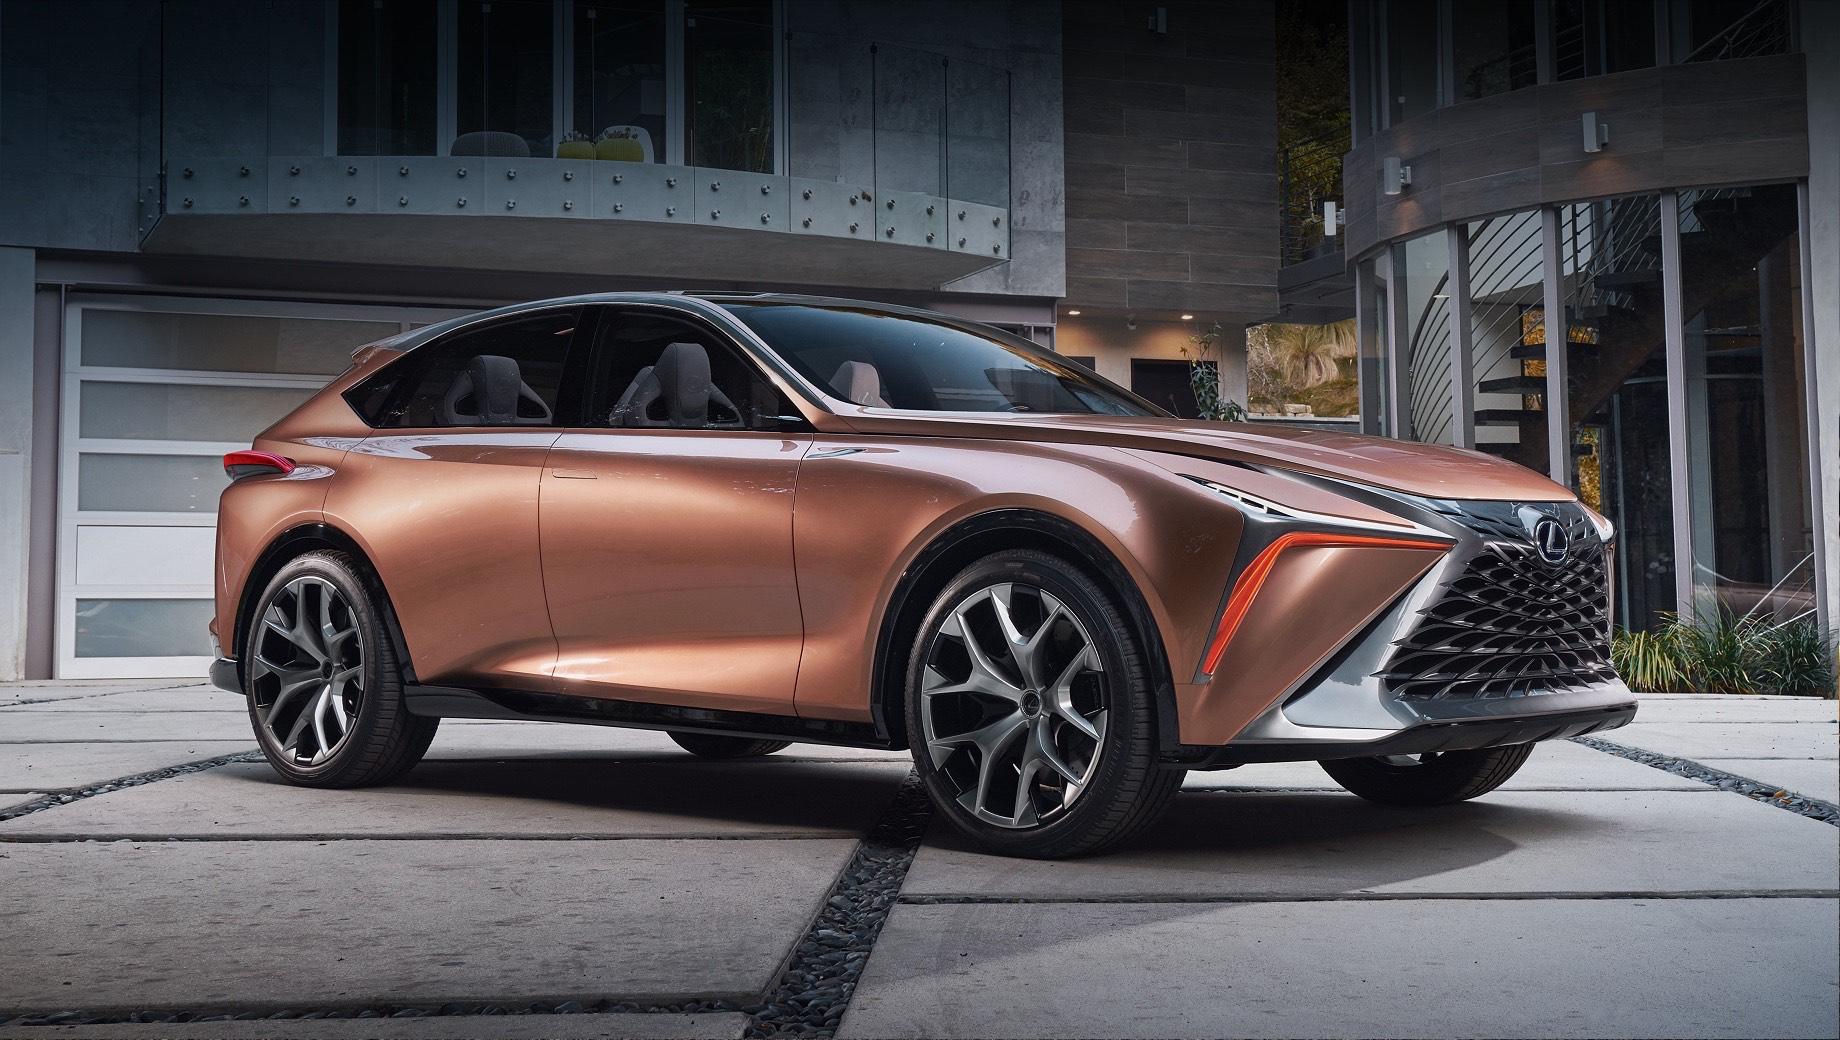 Флагманский кроссовер Lexus LQ получит наддувный V8